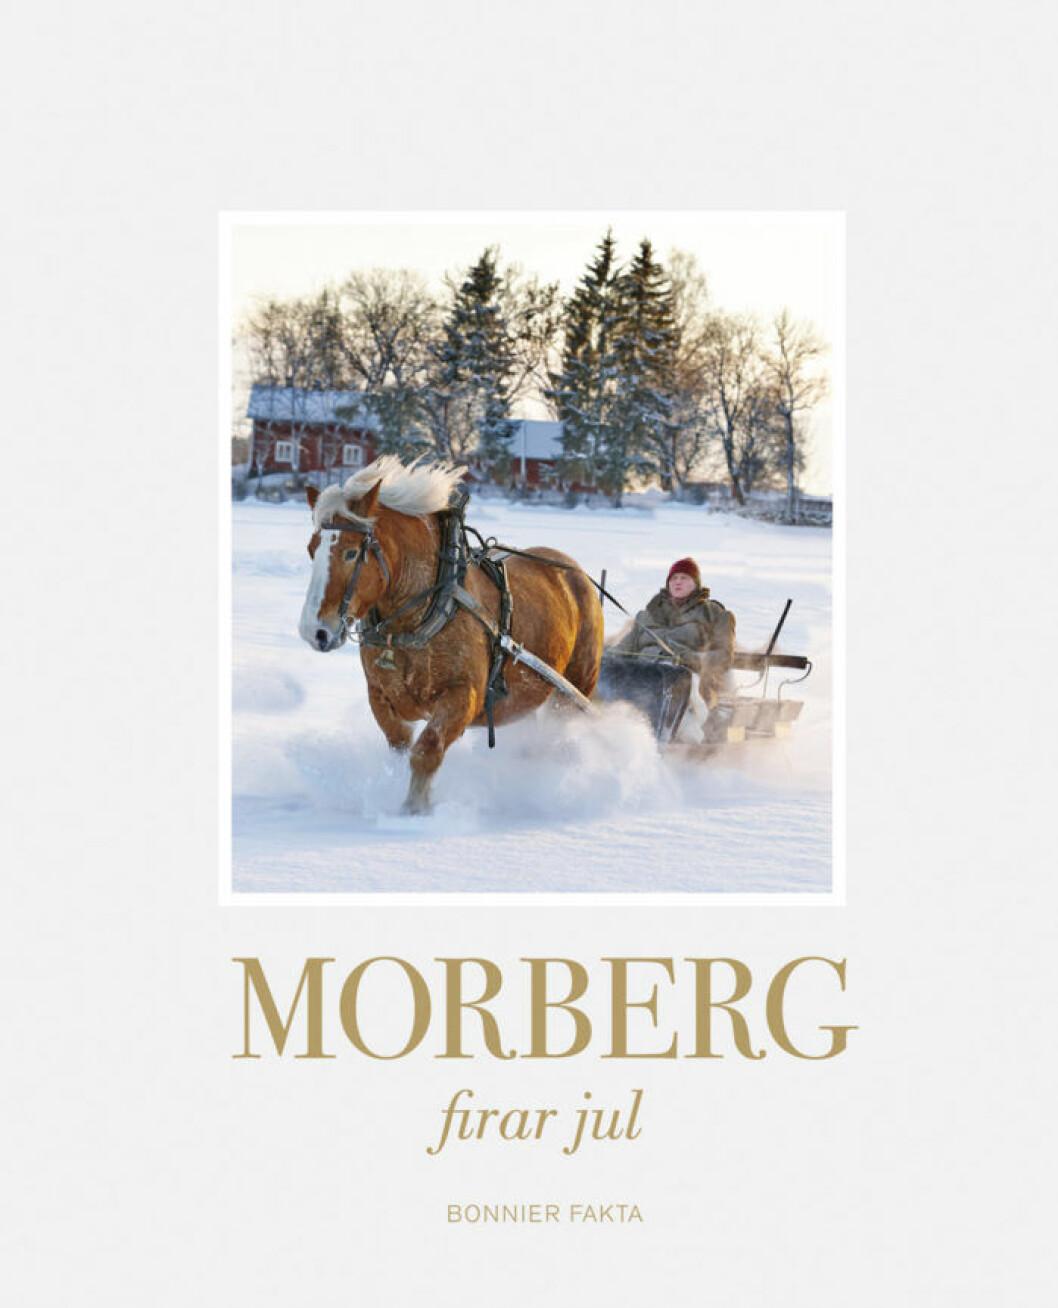 Morberg firar jul (Bonnier Fakta) Här hittar du julsalladen som vi bjuder på här!